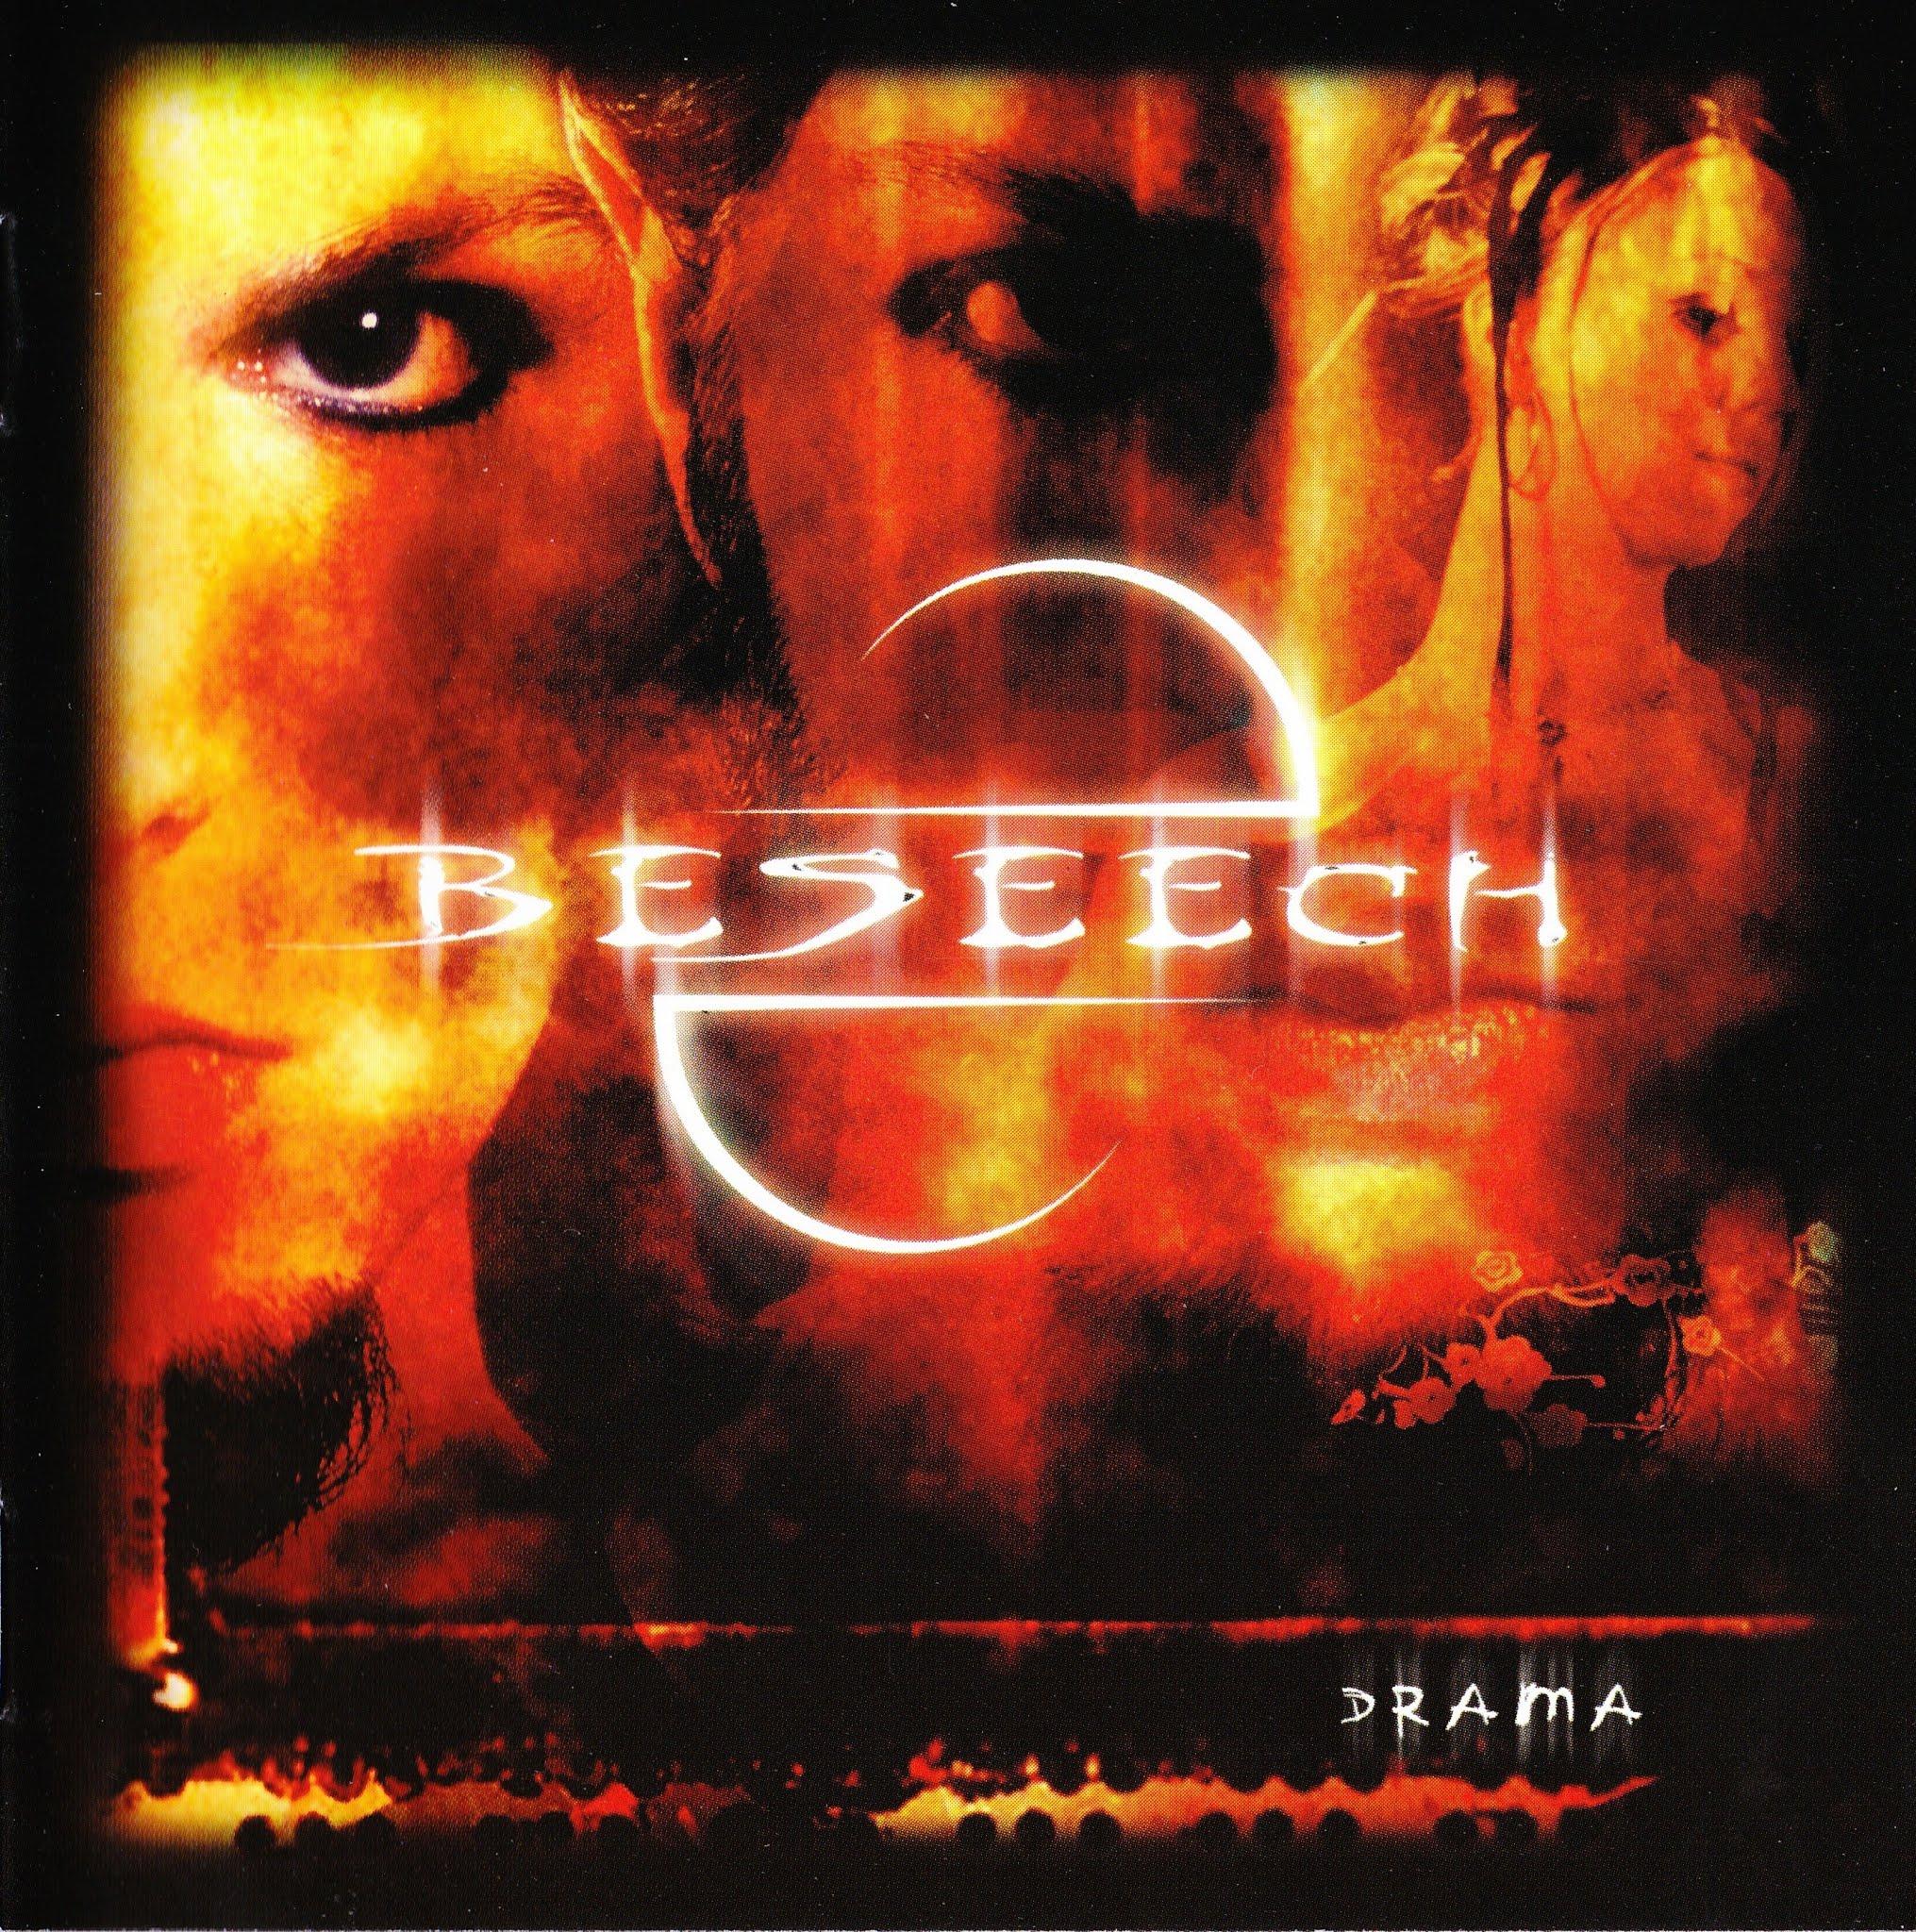 Beseech — Drama (2004)